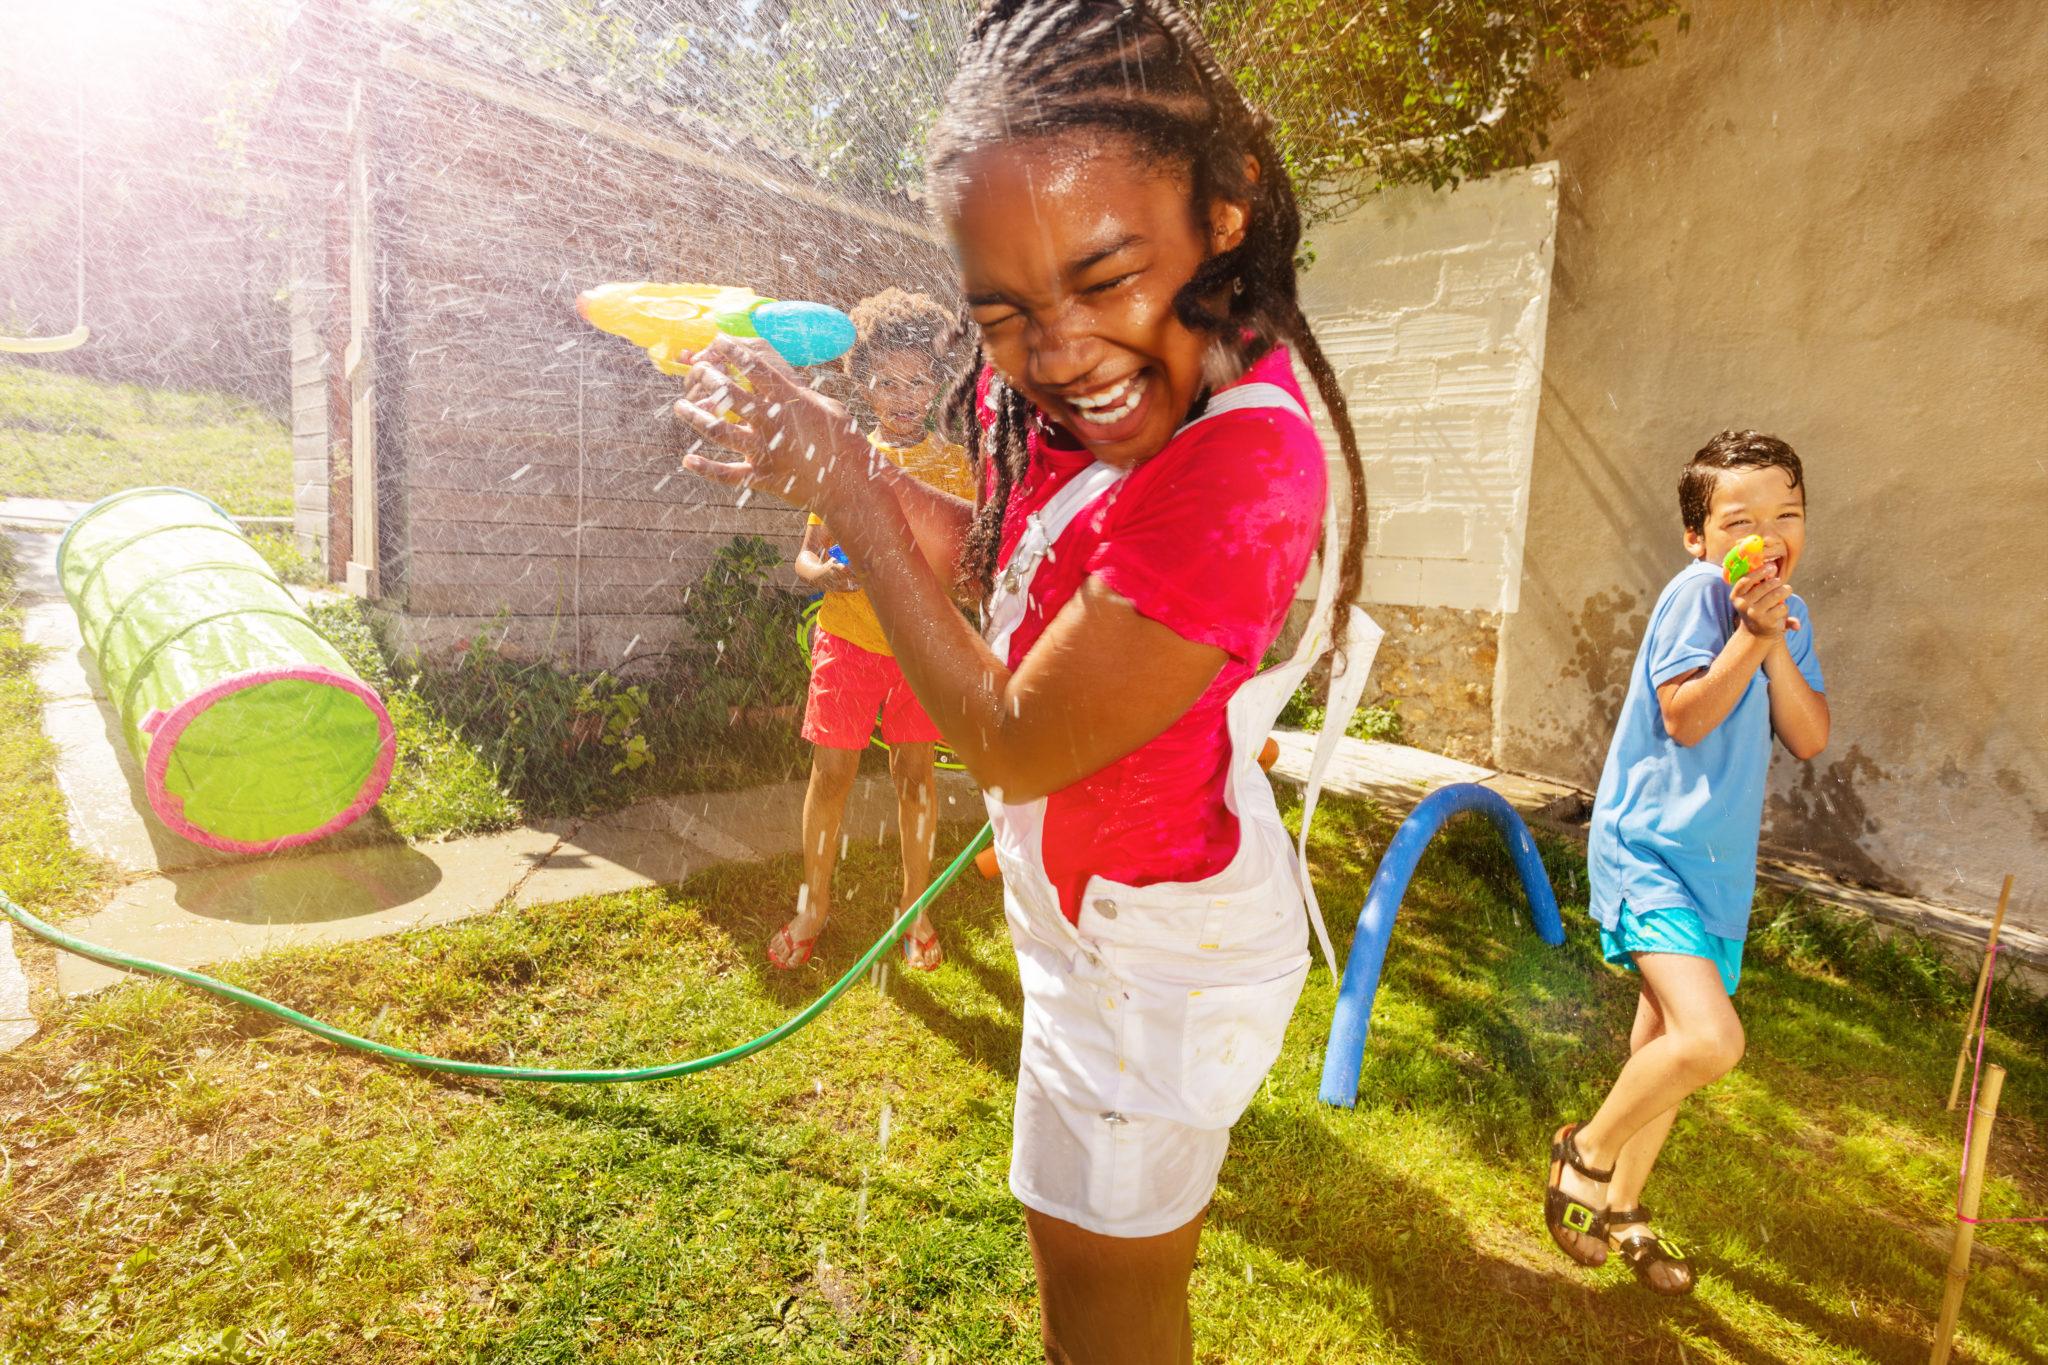 Activités petits enfants été - bataille d'eau enfants - Bazile Telecom